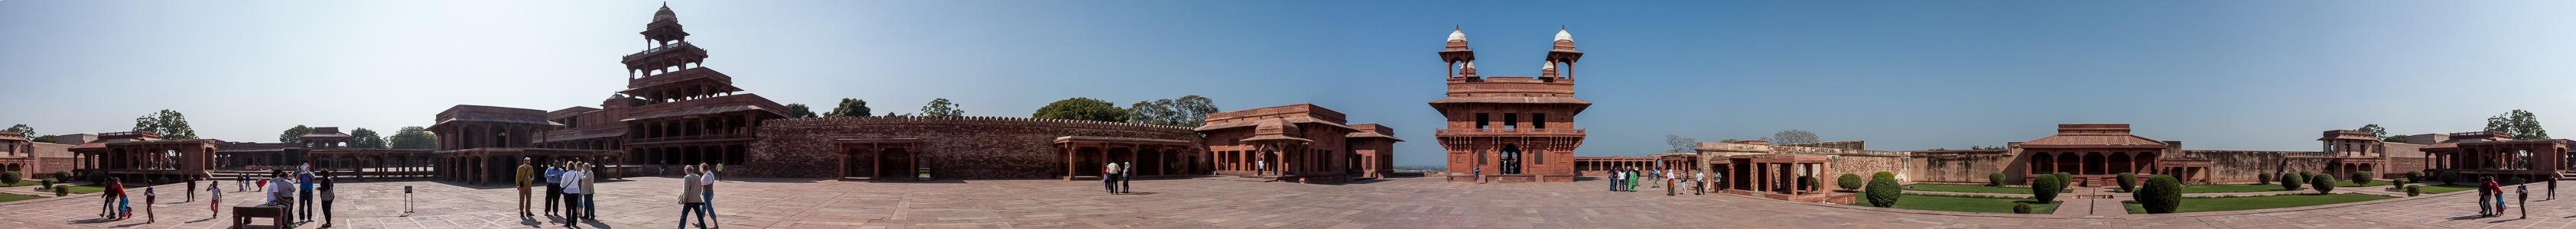 Fatehpur Sikri Königspalast: Daulat-Khana-Innenhof